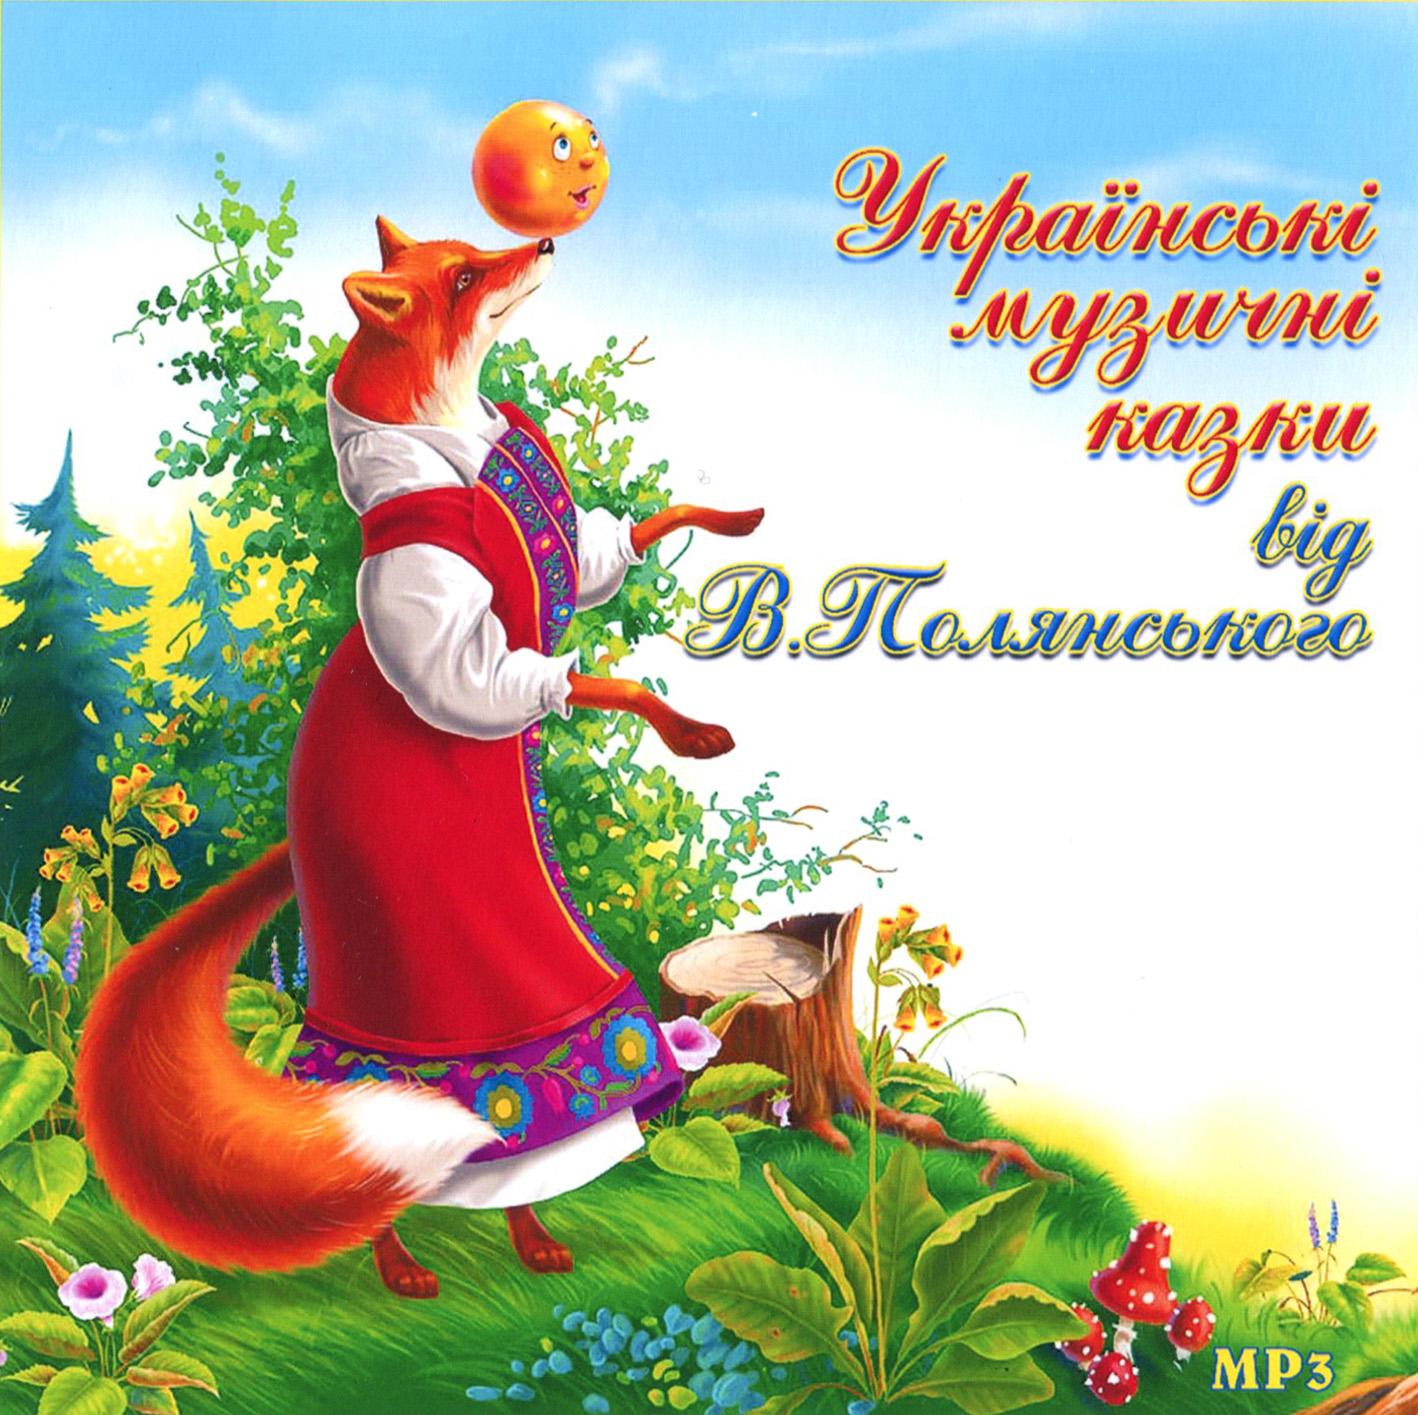 Українські муз. Казки від В. Полянського [mp3]